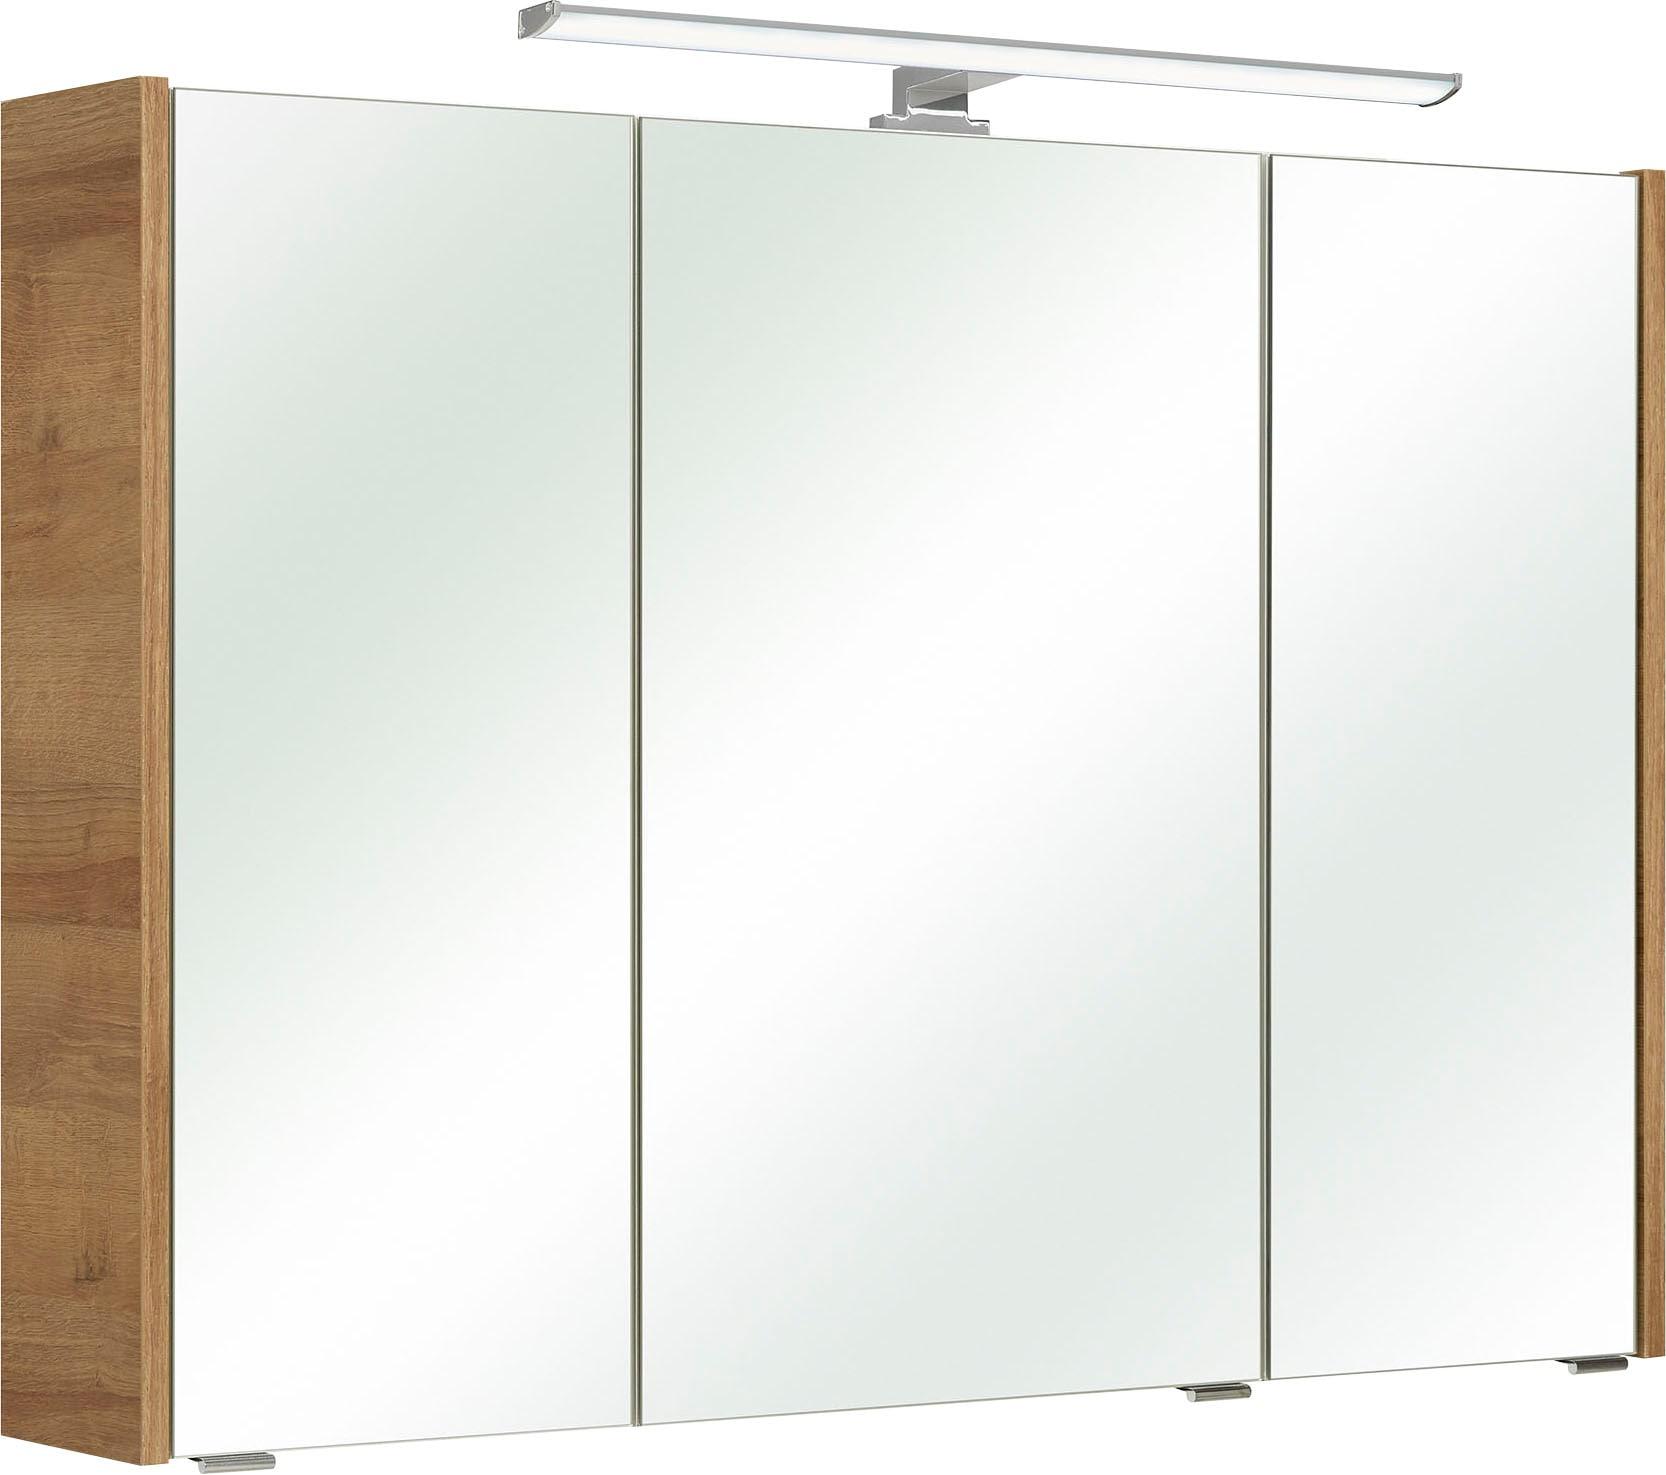 PELIPAL Spiegelschrank Rovato beige Bad-Spiegelschränke Badschränke Schränke